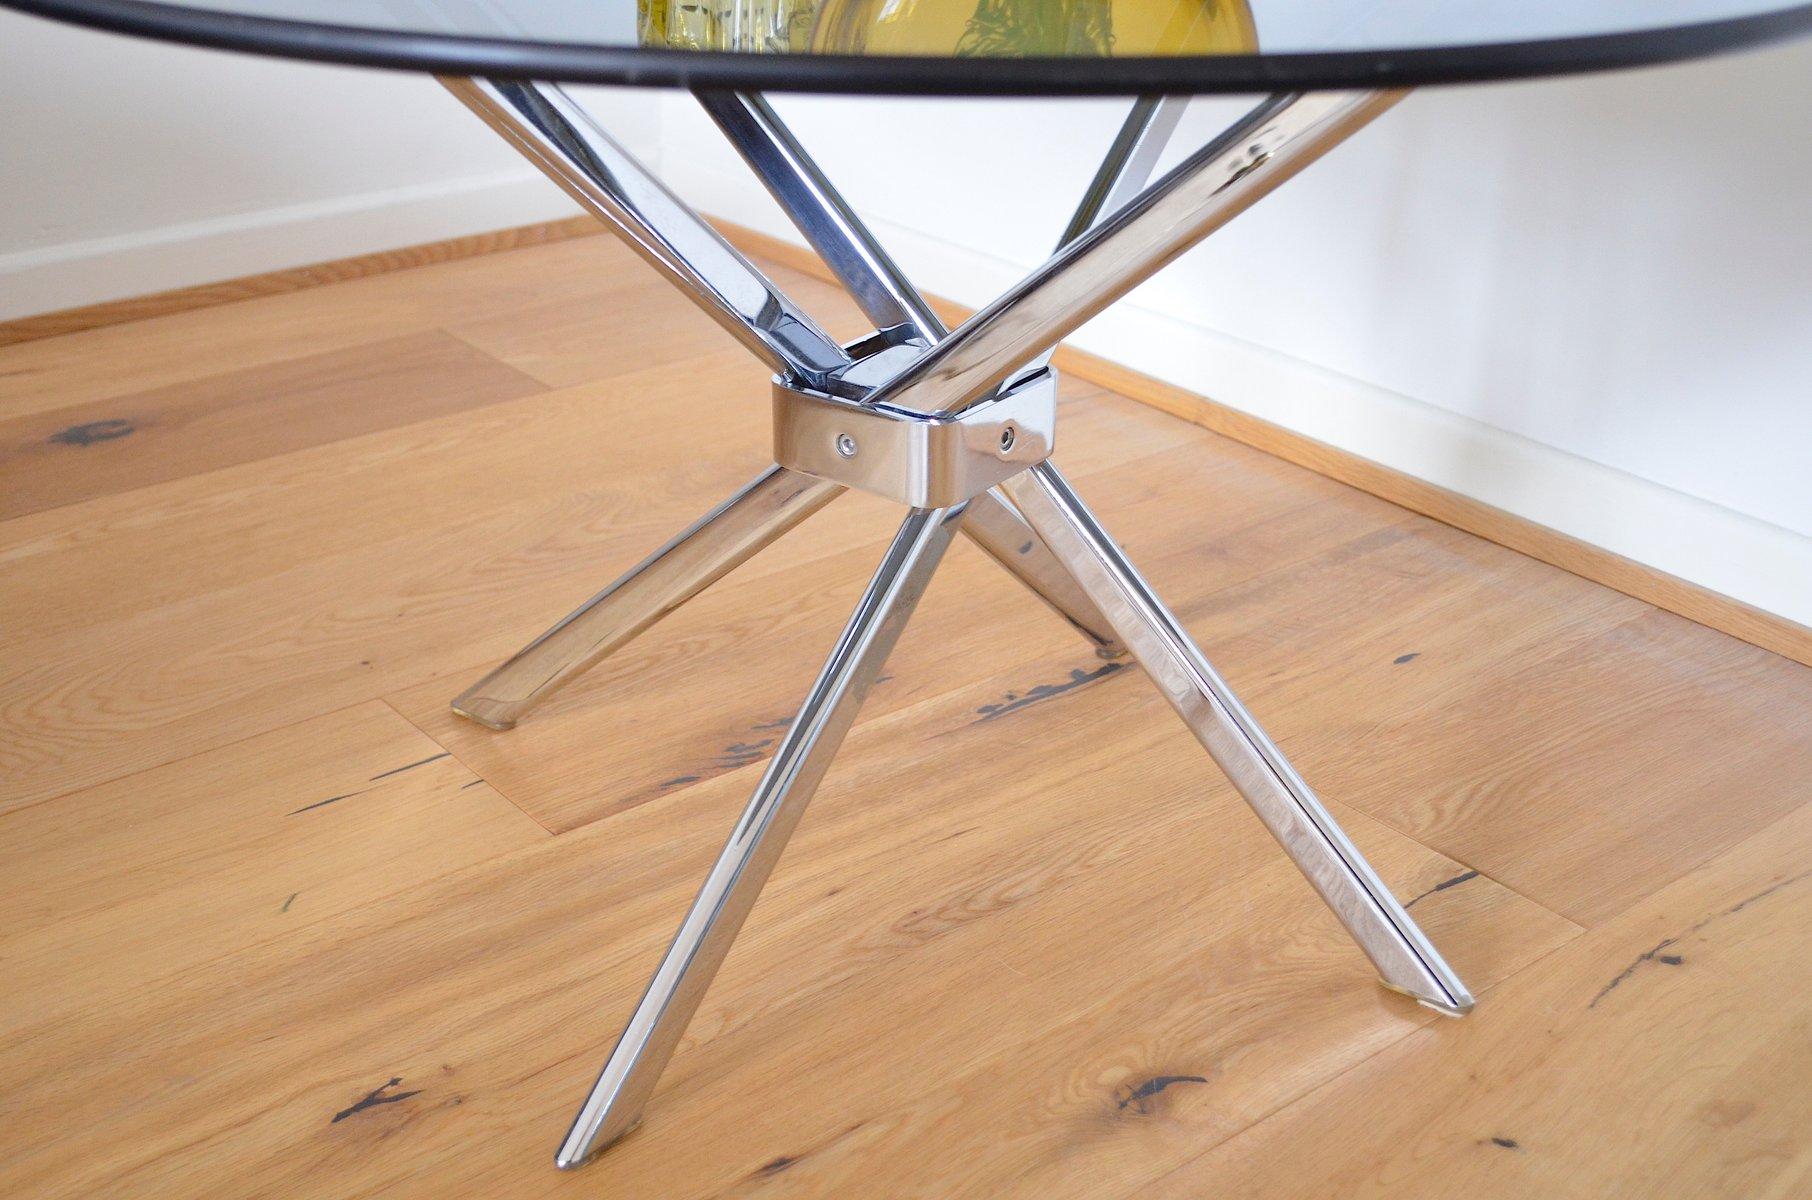 deutscher vintage beistelltisch aus verchromtem metall. Black Bedroom Furniture Sets. Home Design Ideas